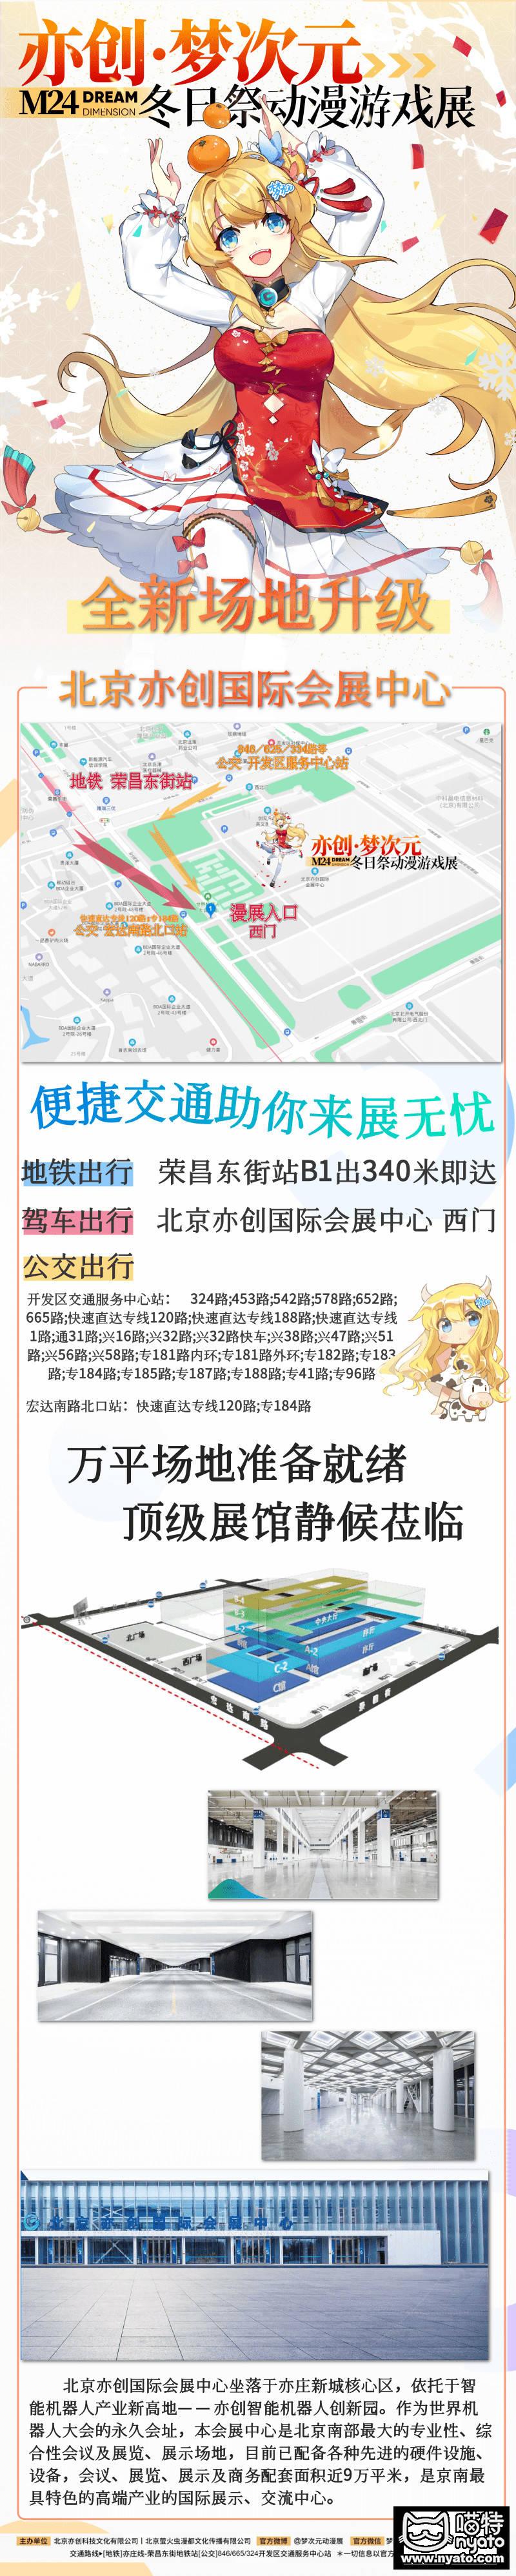 图片9M24梦次元场地介绍.png